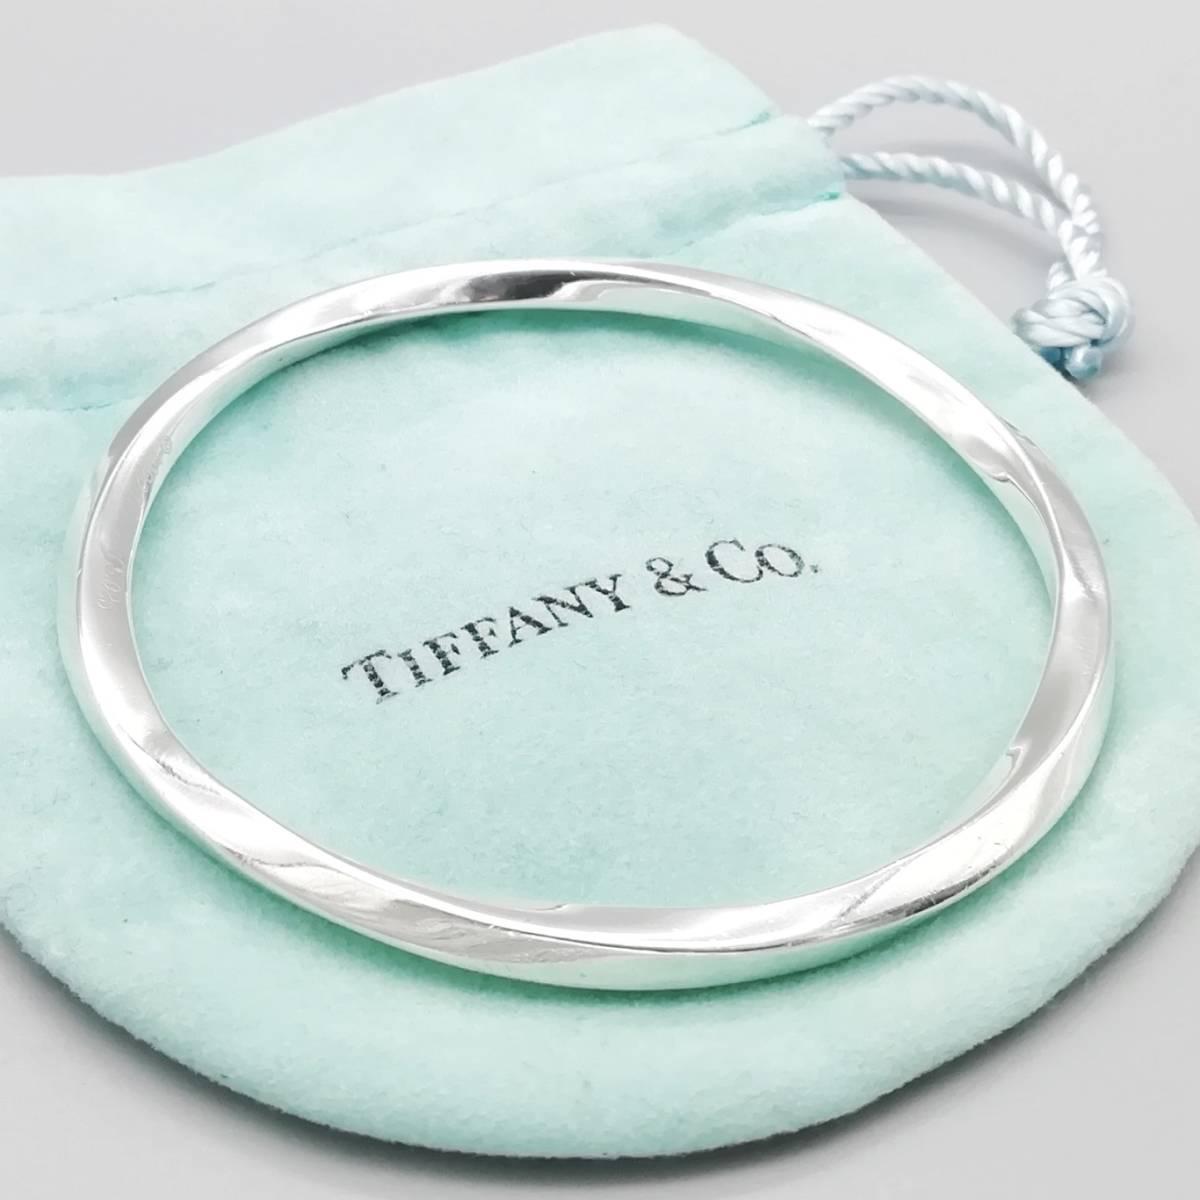 極希少 美品 Tiffany&Co. ティファニー ウェーブ シルバー バングル ブレスレット SV925 1999年製 XX39